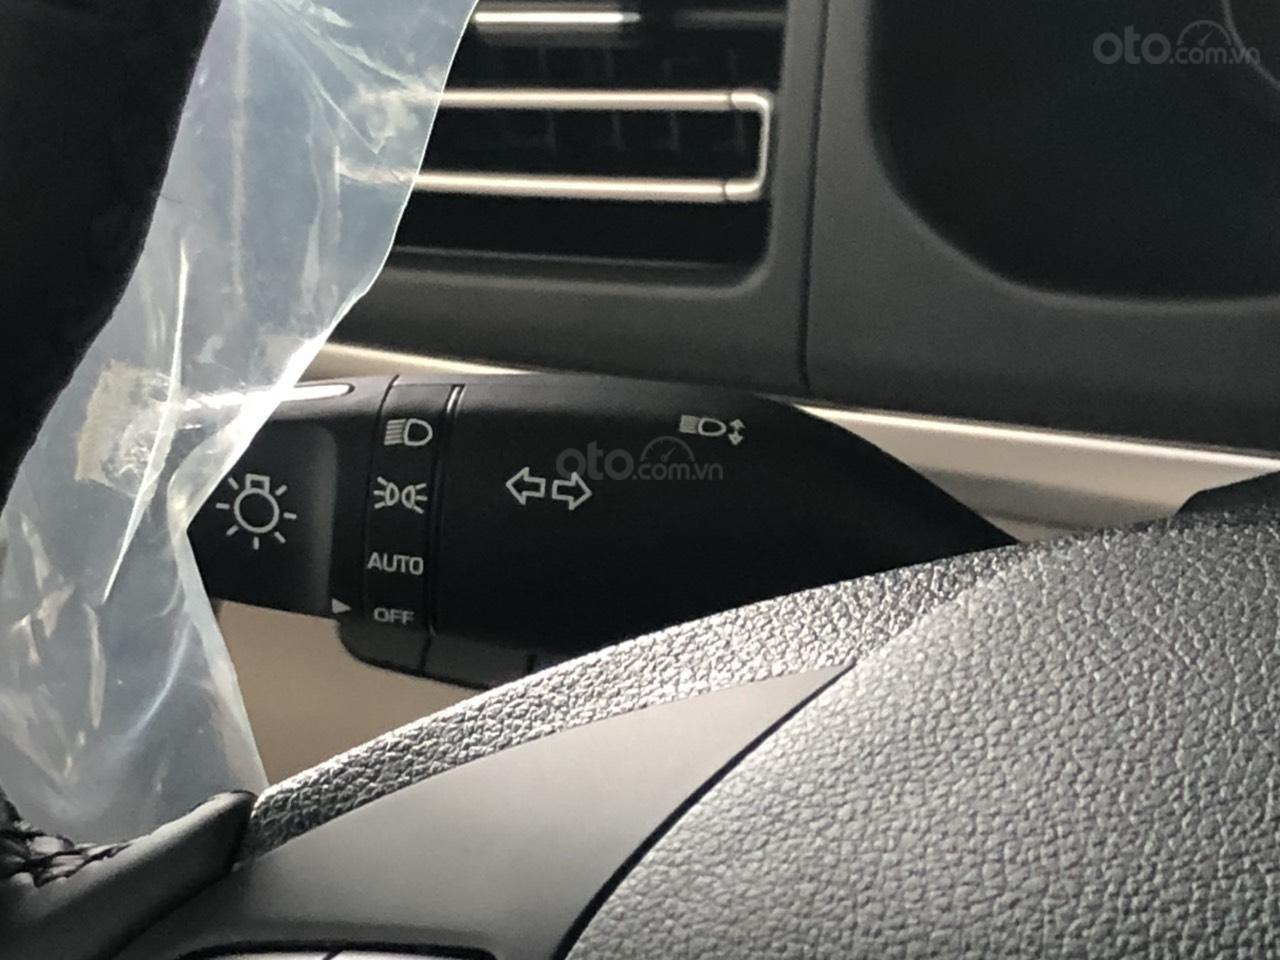 Hyundai Elentra 2019 - Giá tốt - Xe sẵn - Bank bao đậu (13)